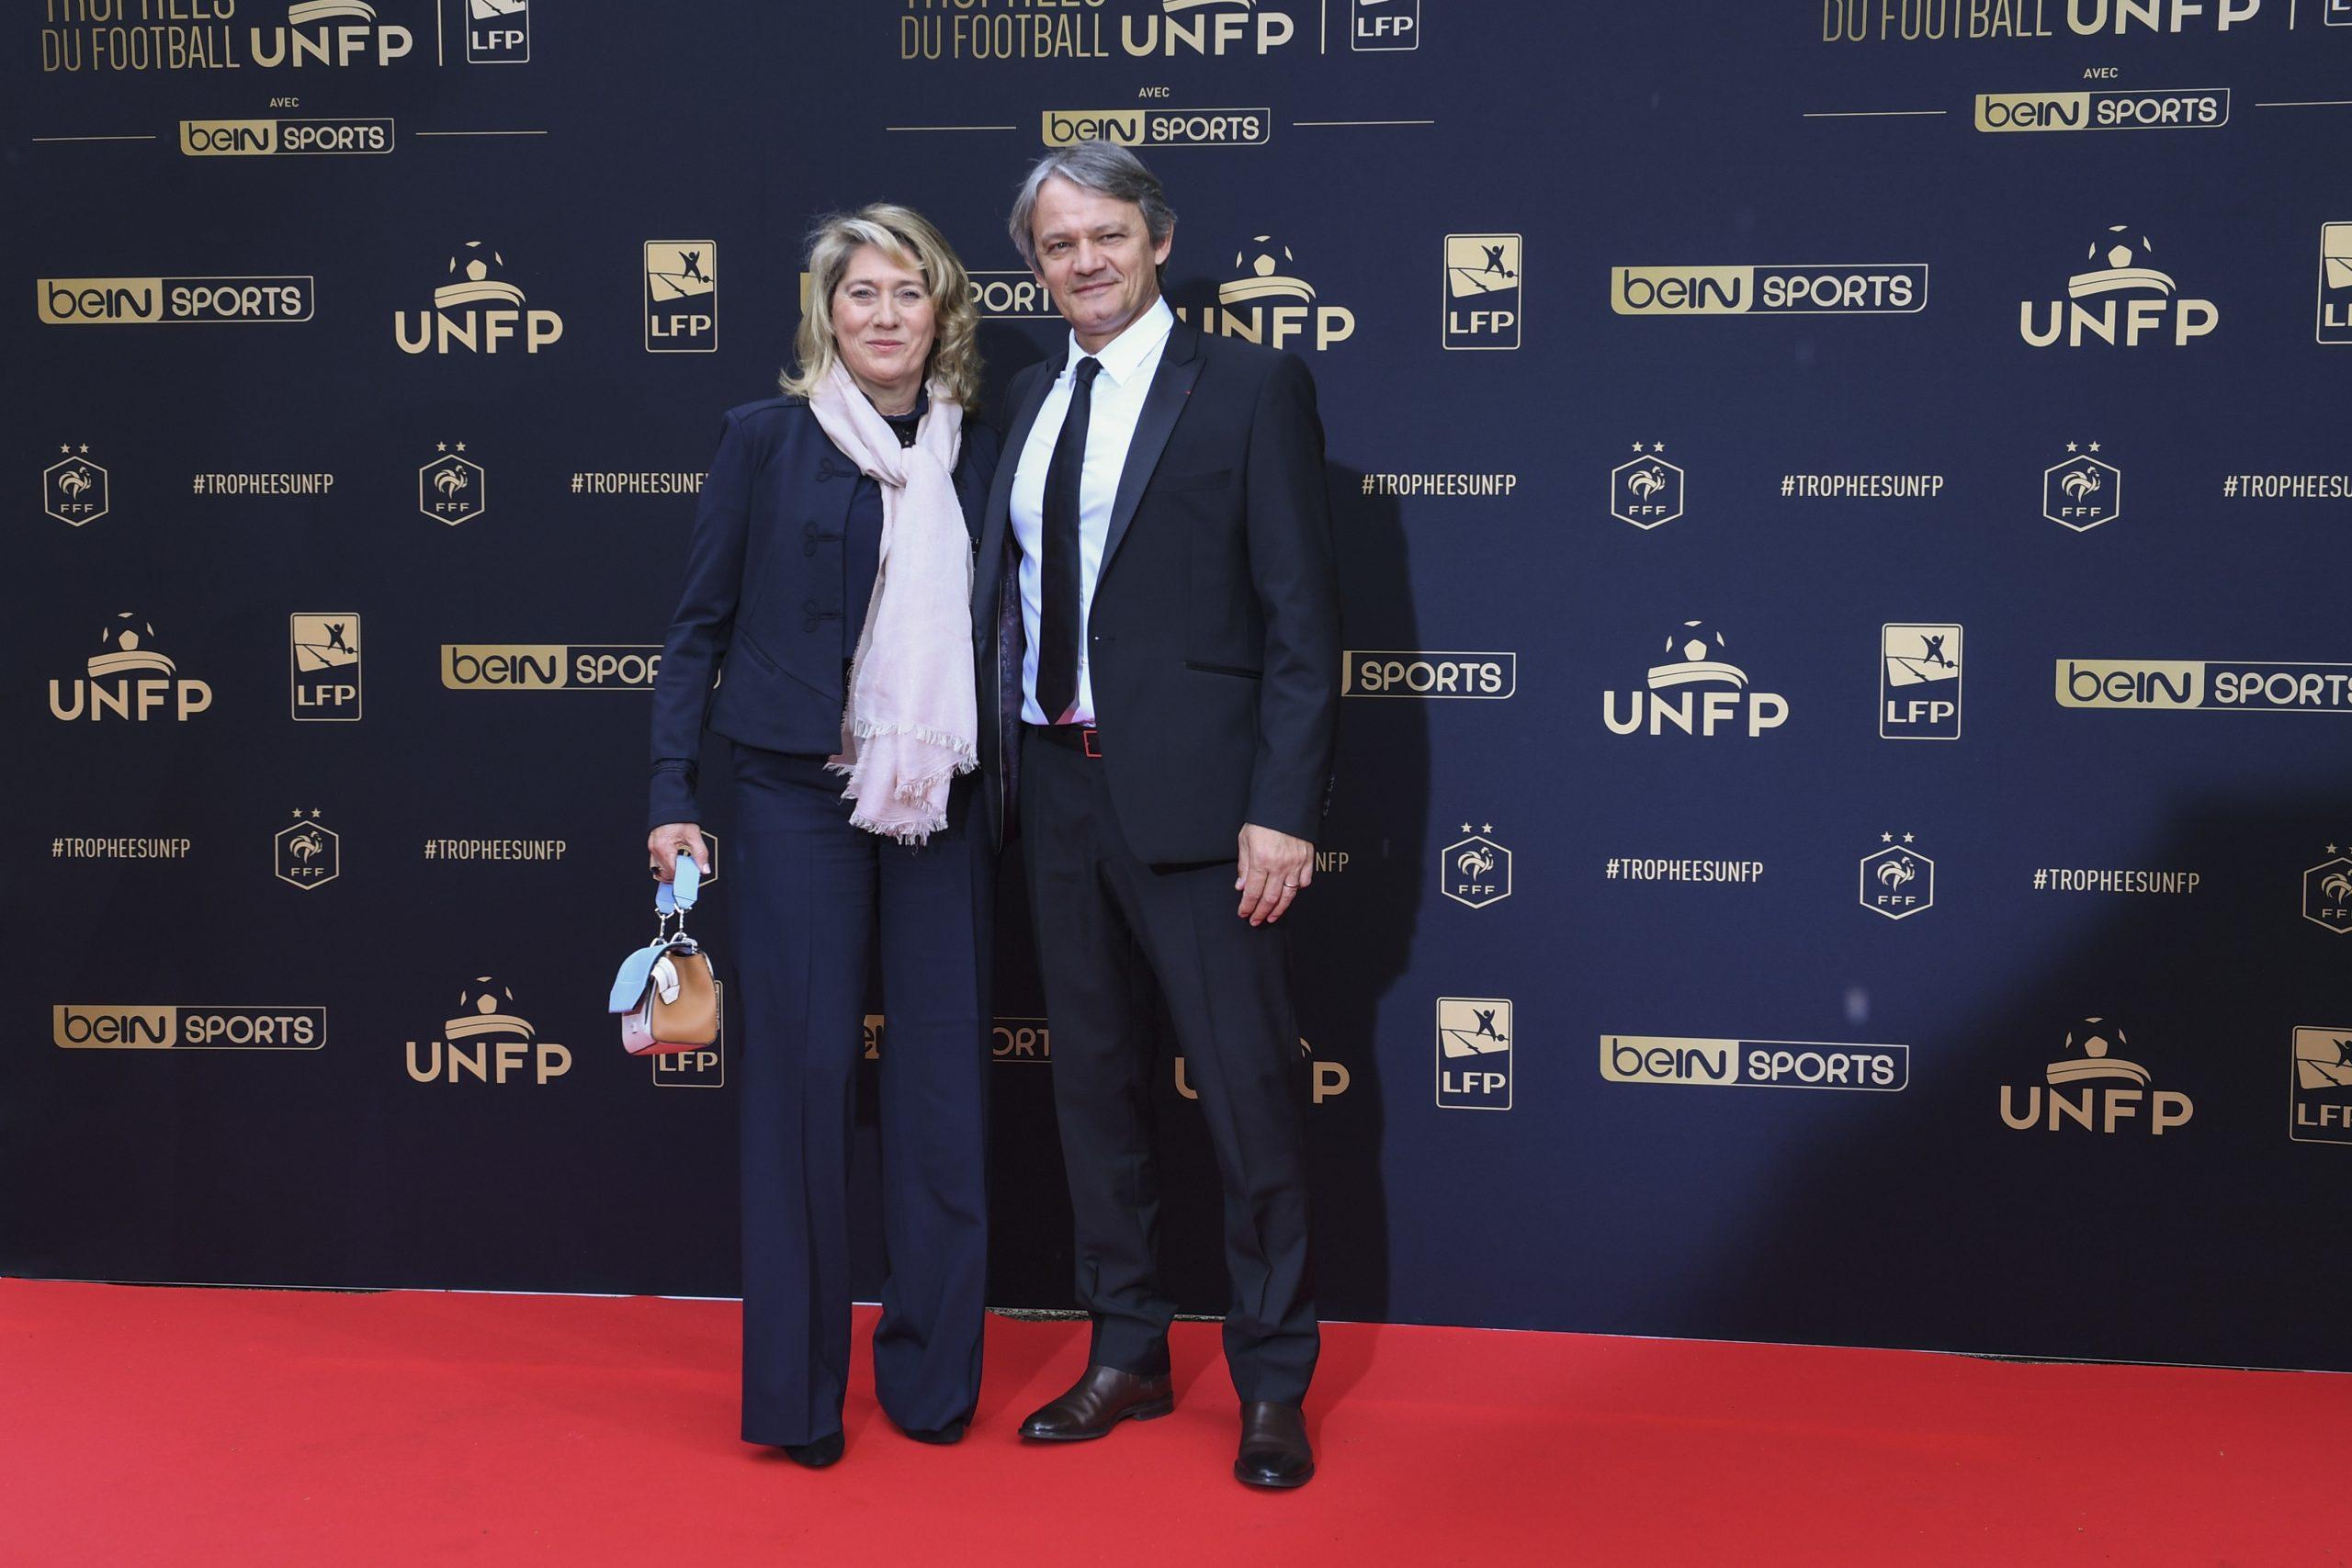 """L'UNFP voit l'arrêt de la saison comme une """"décision responsable"""" et veut un """"football de demain vertueux"""""""